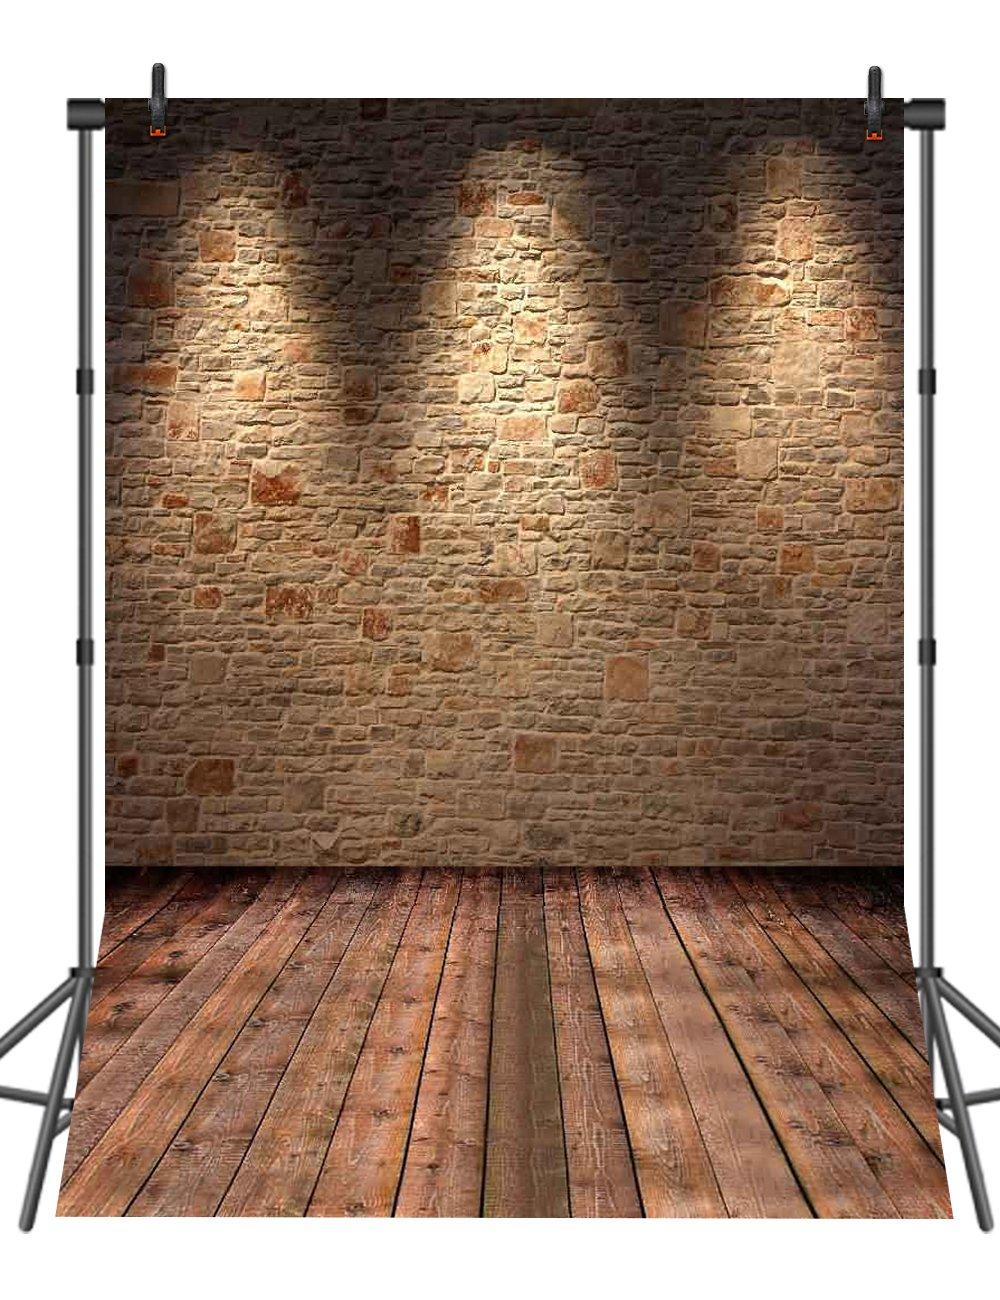 sensfunヴィンテージレンガ壁木製床写真背景幕シルク写真ブースStudio小道具背景 8X8ft ZL38 B07DXSC17P